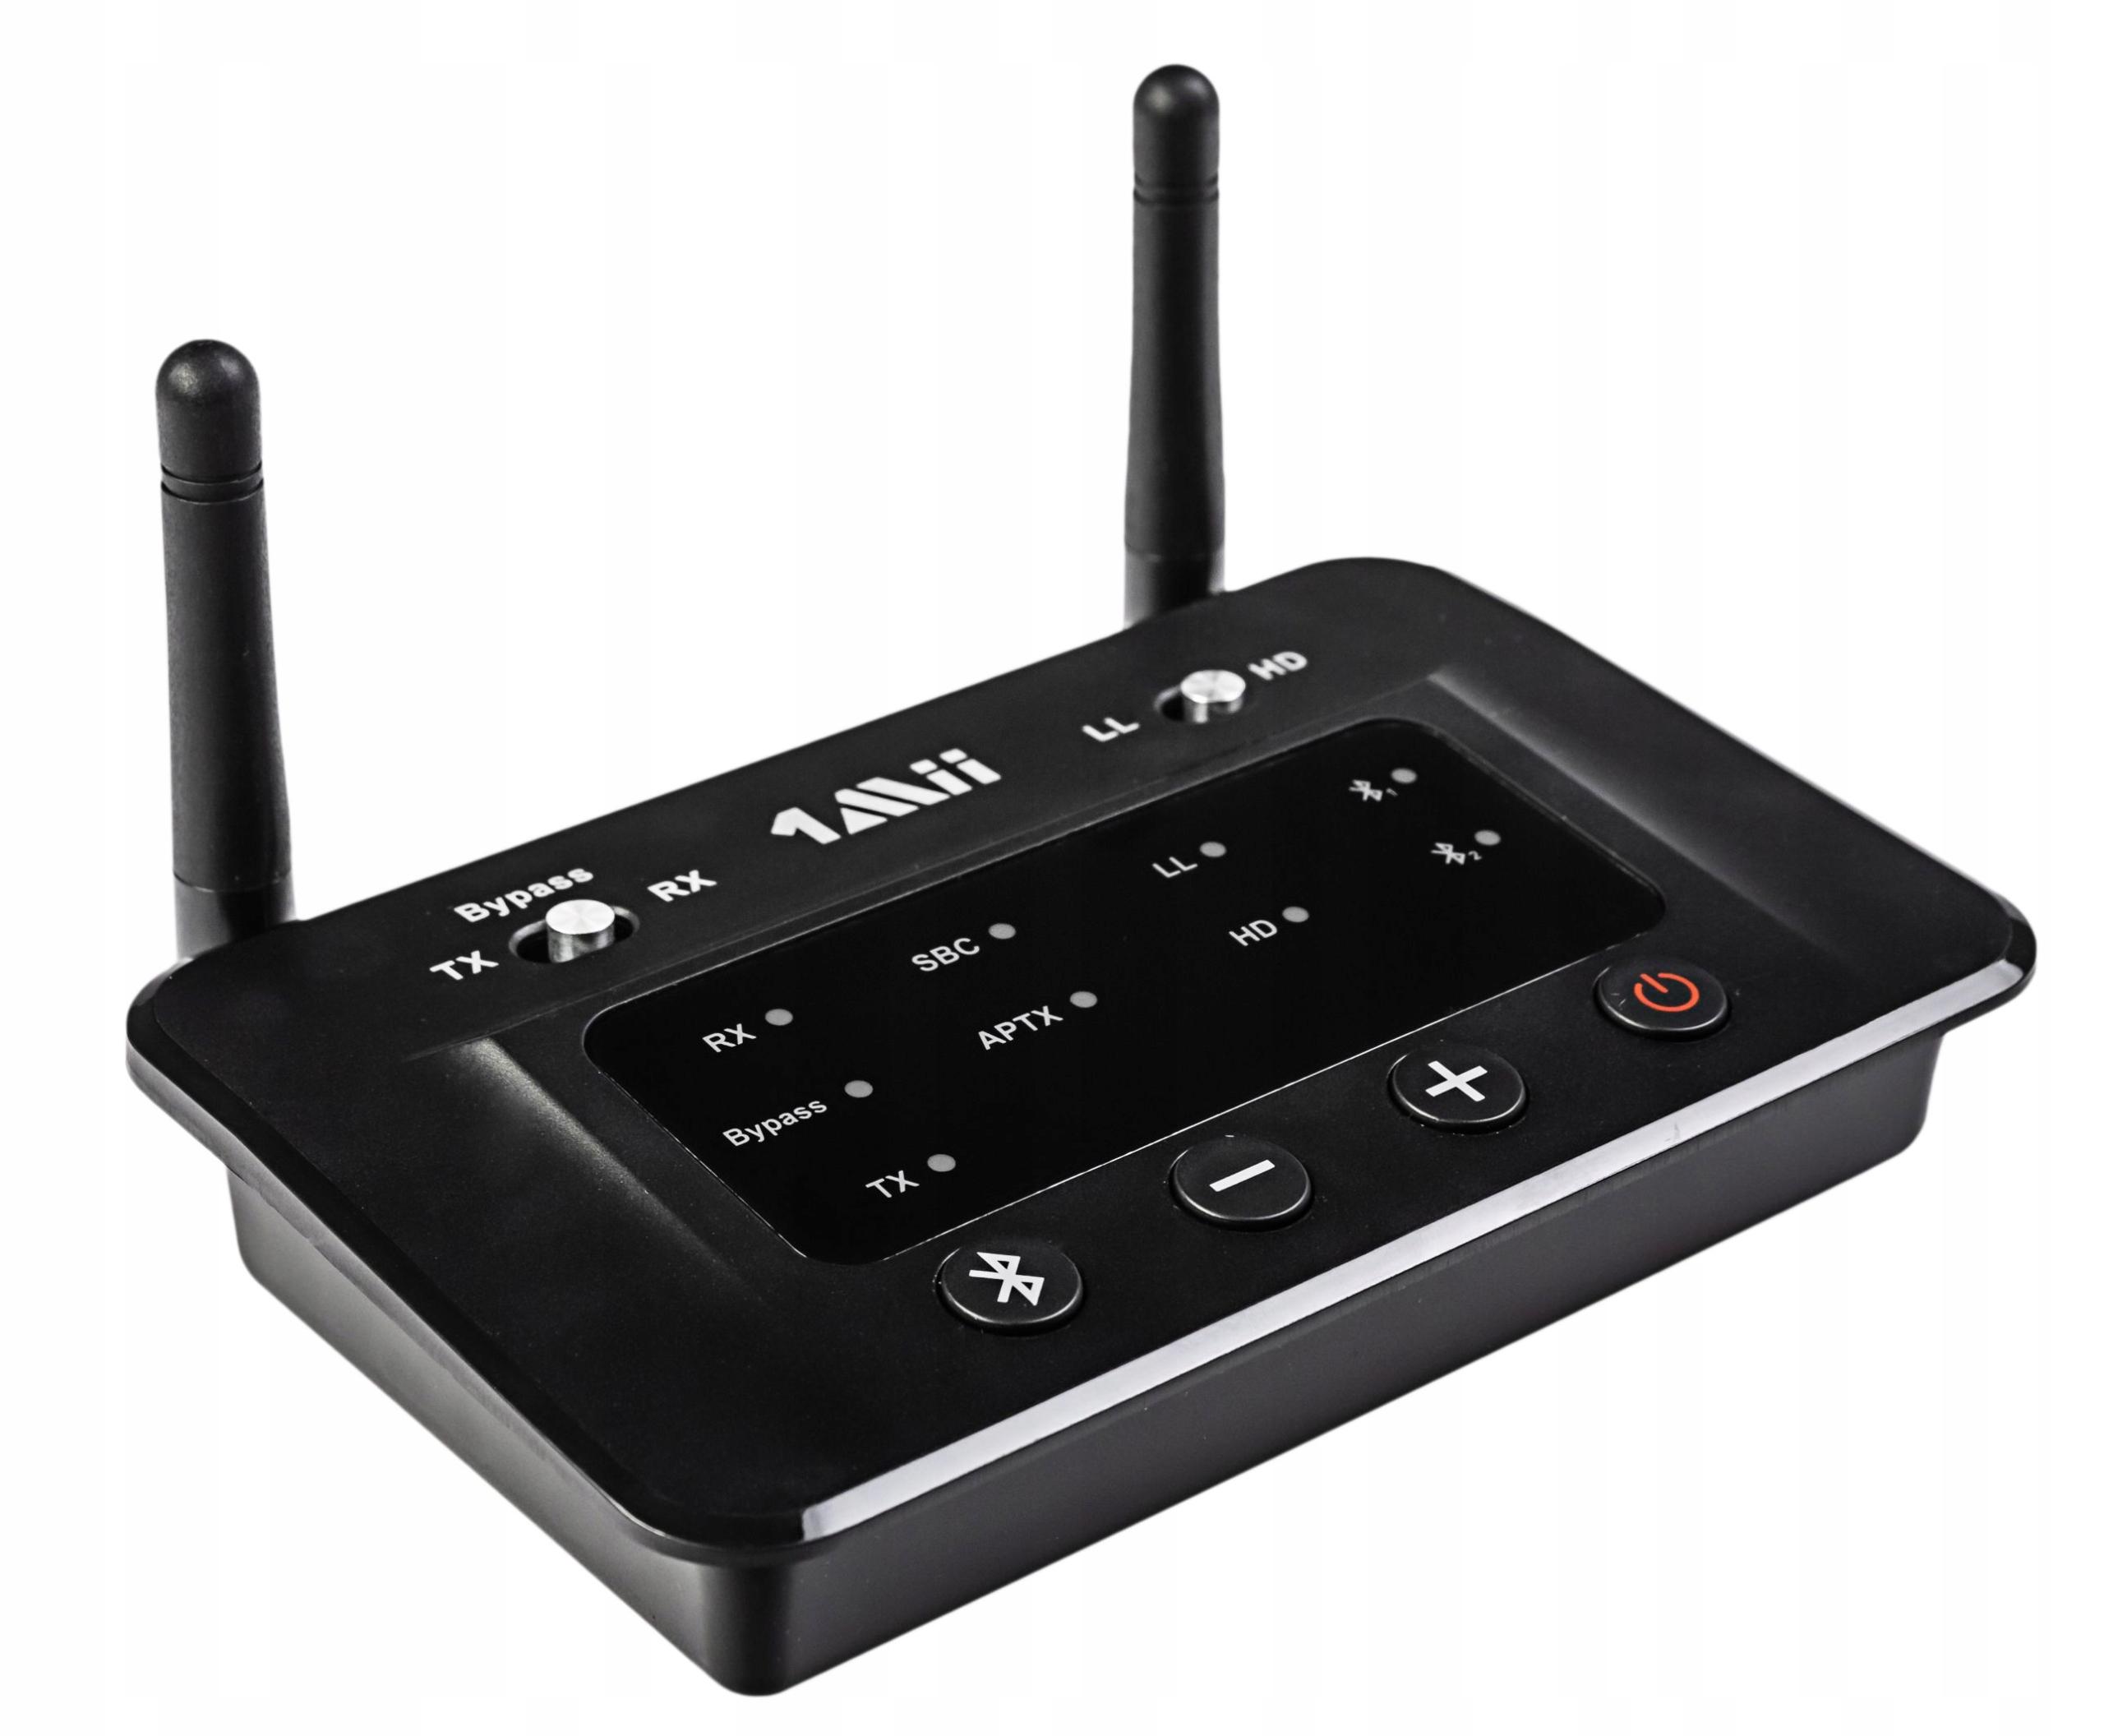 Nadajnik Odbiornik Bluetooth NFC 1Mii B03 do 70m Model Audio Bluetooth 1Mii B03